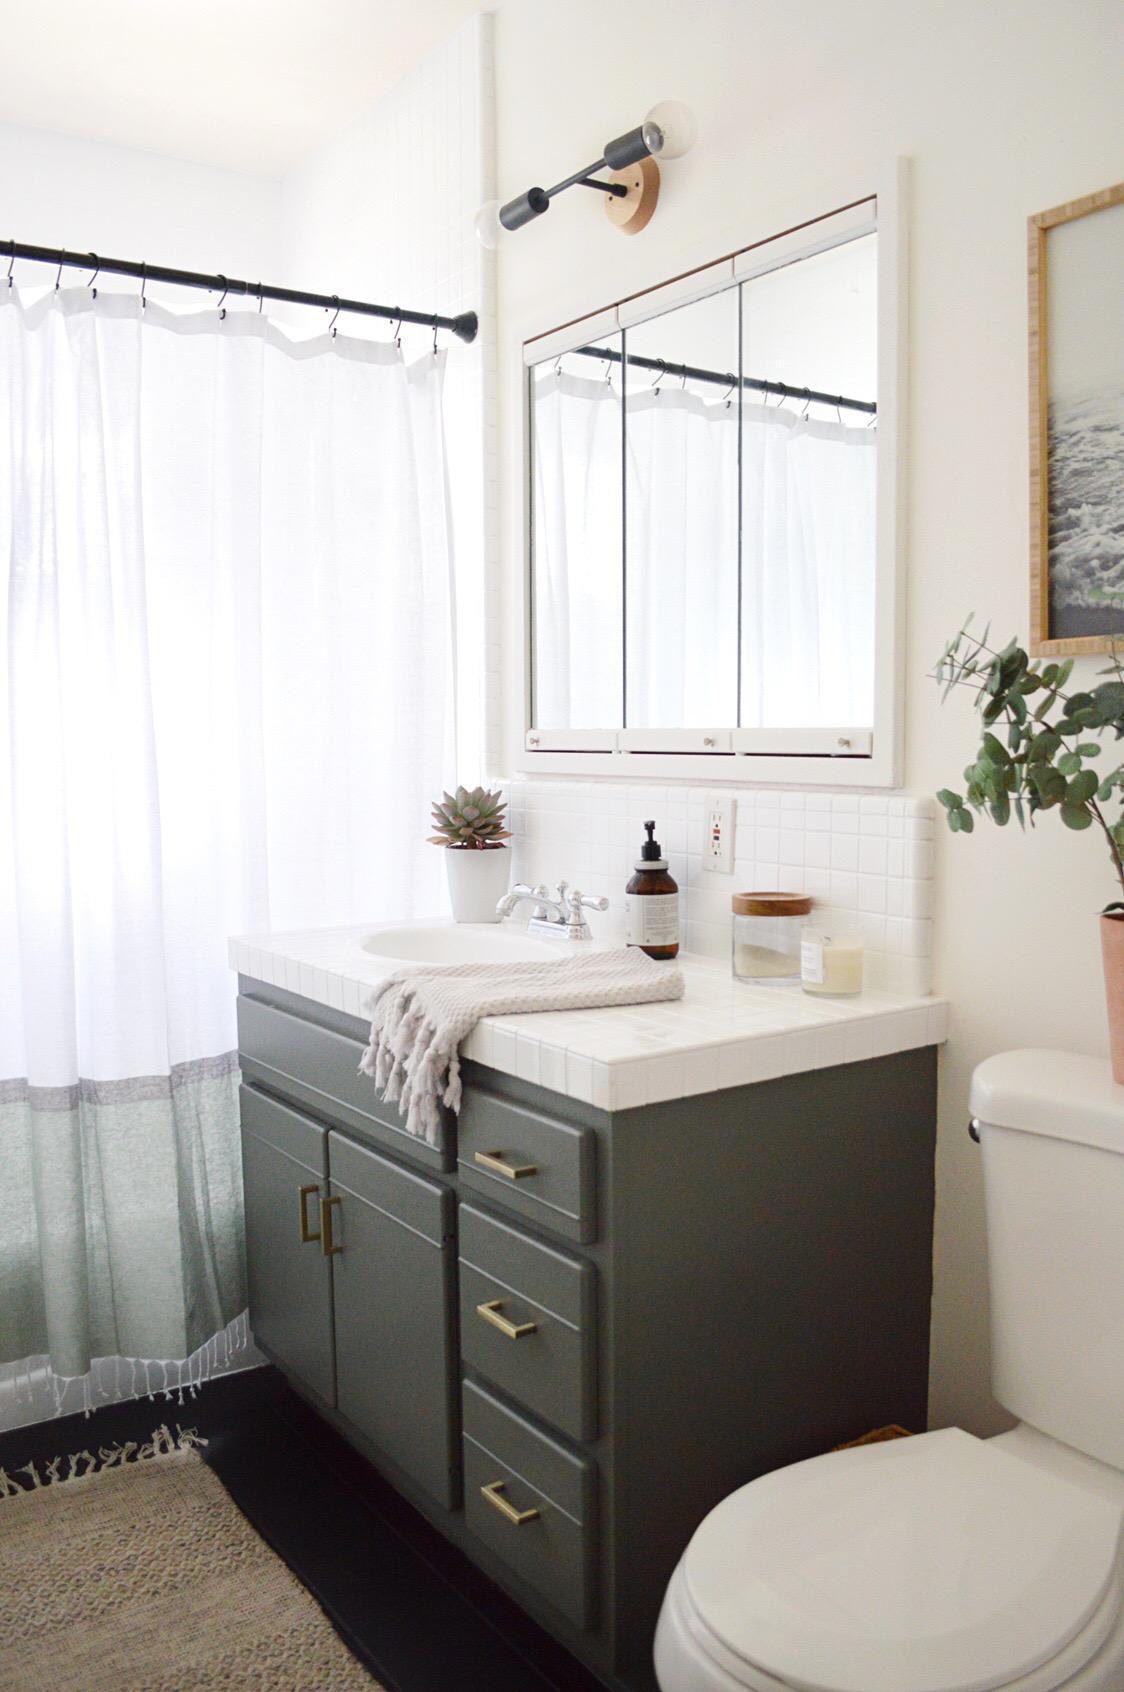 Kristin Dion Design DIY Bathroom Remodel After Photo